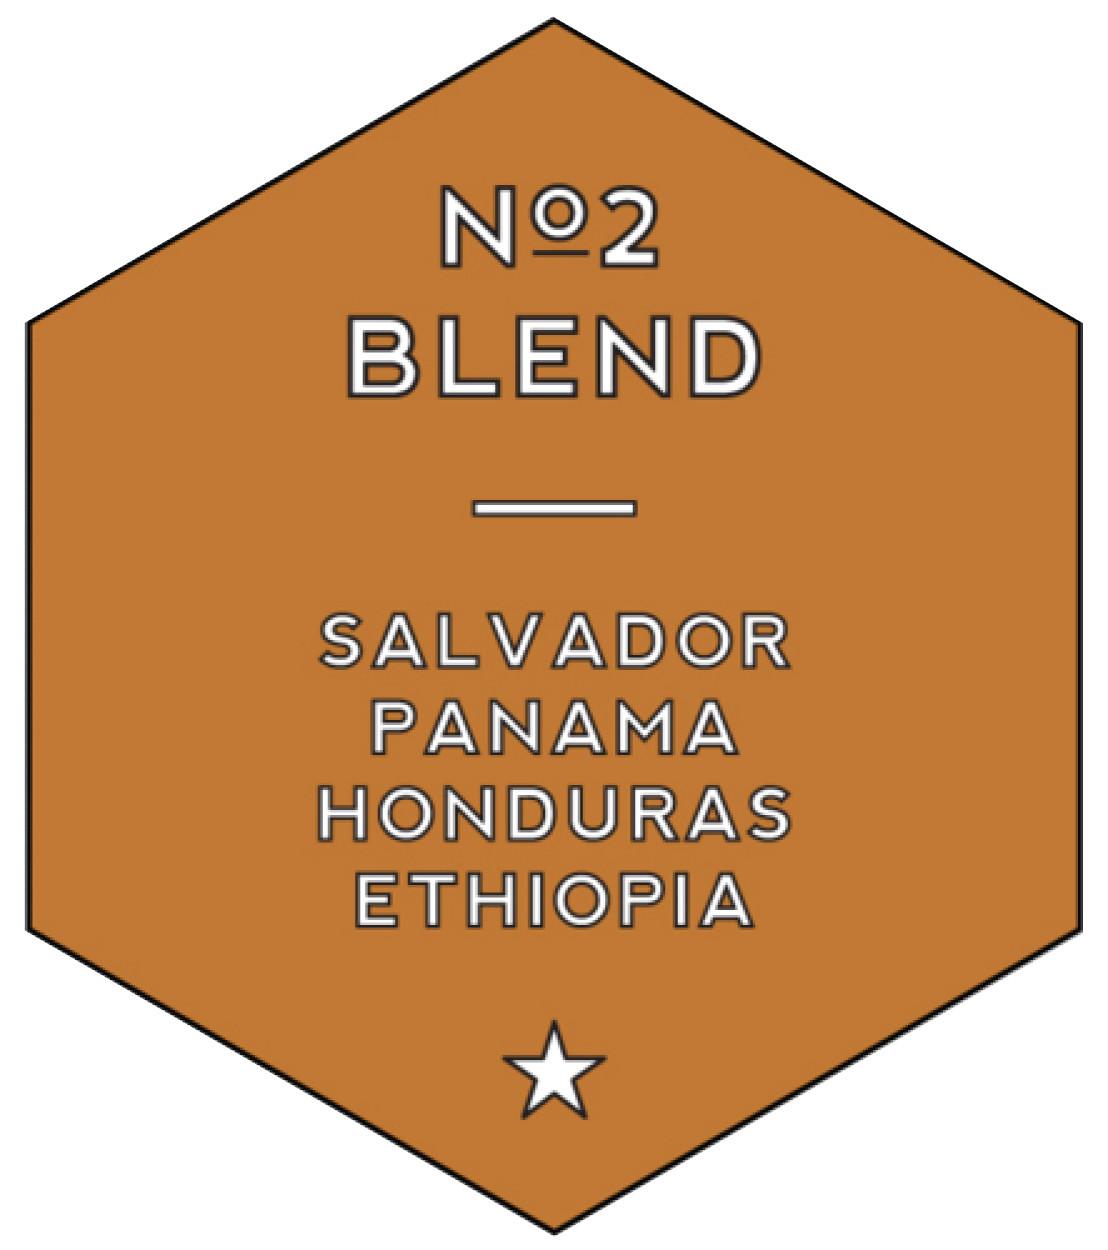 BLEND No 2